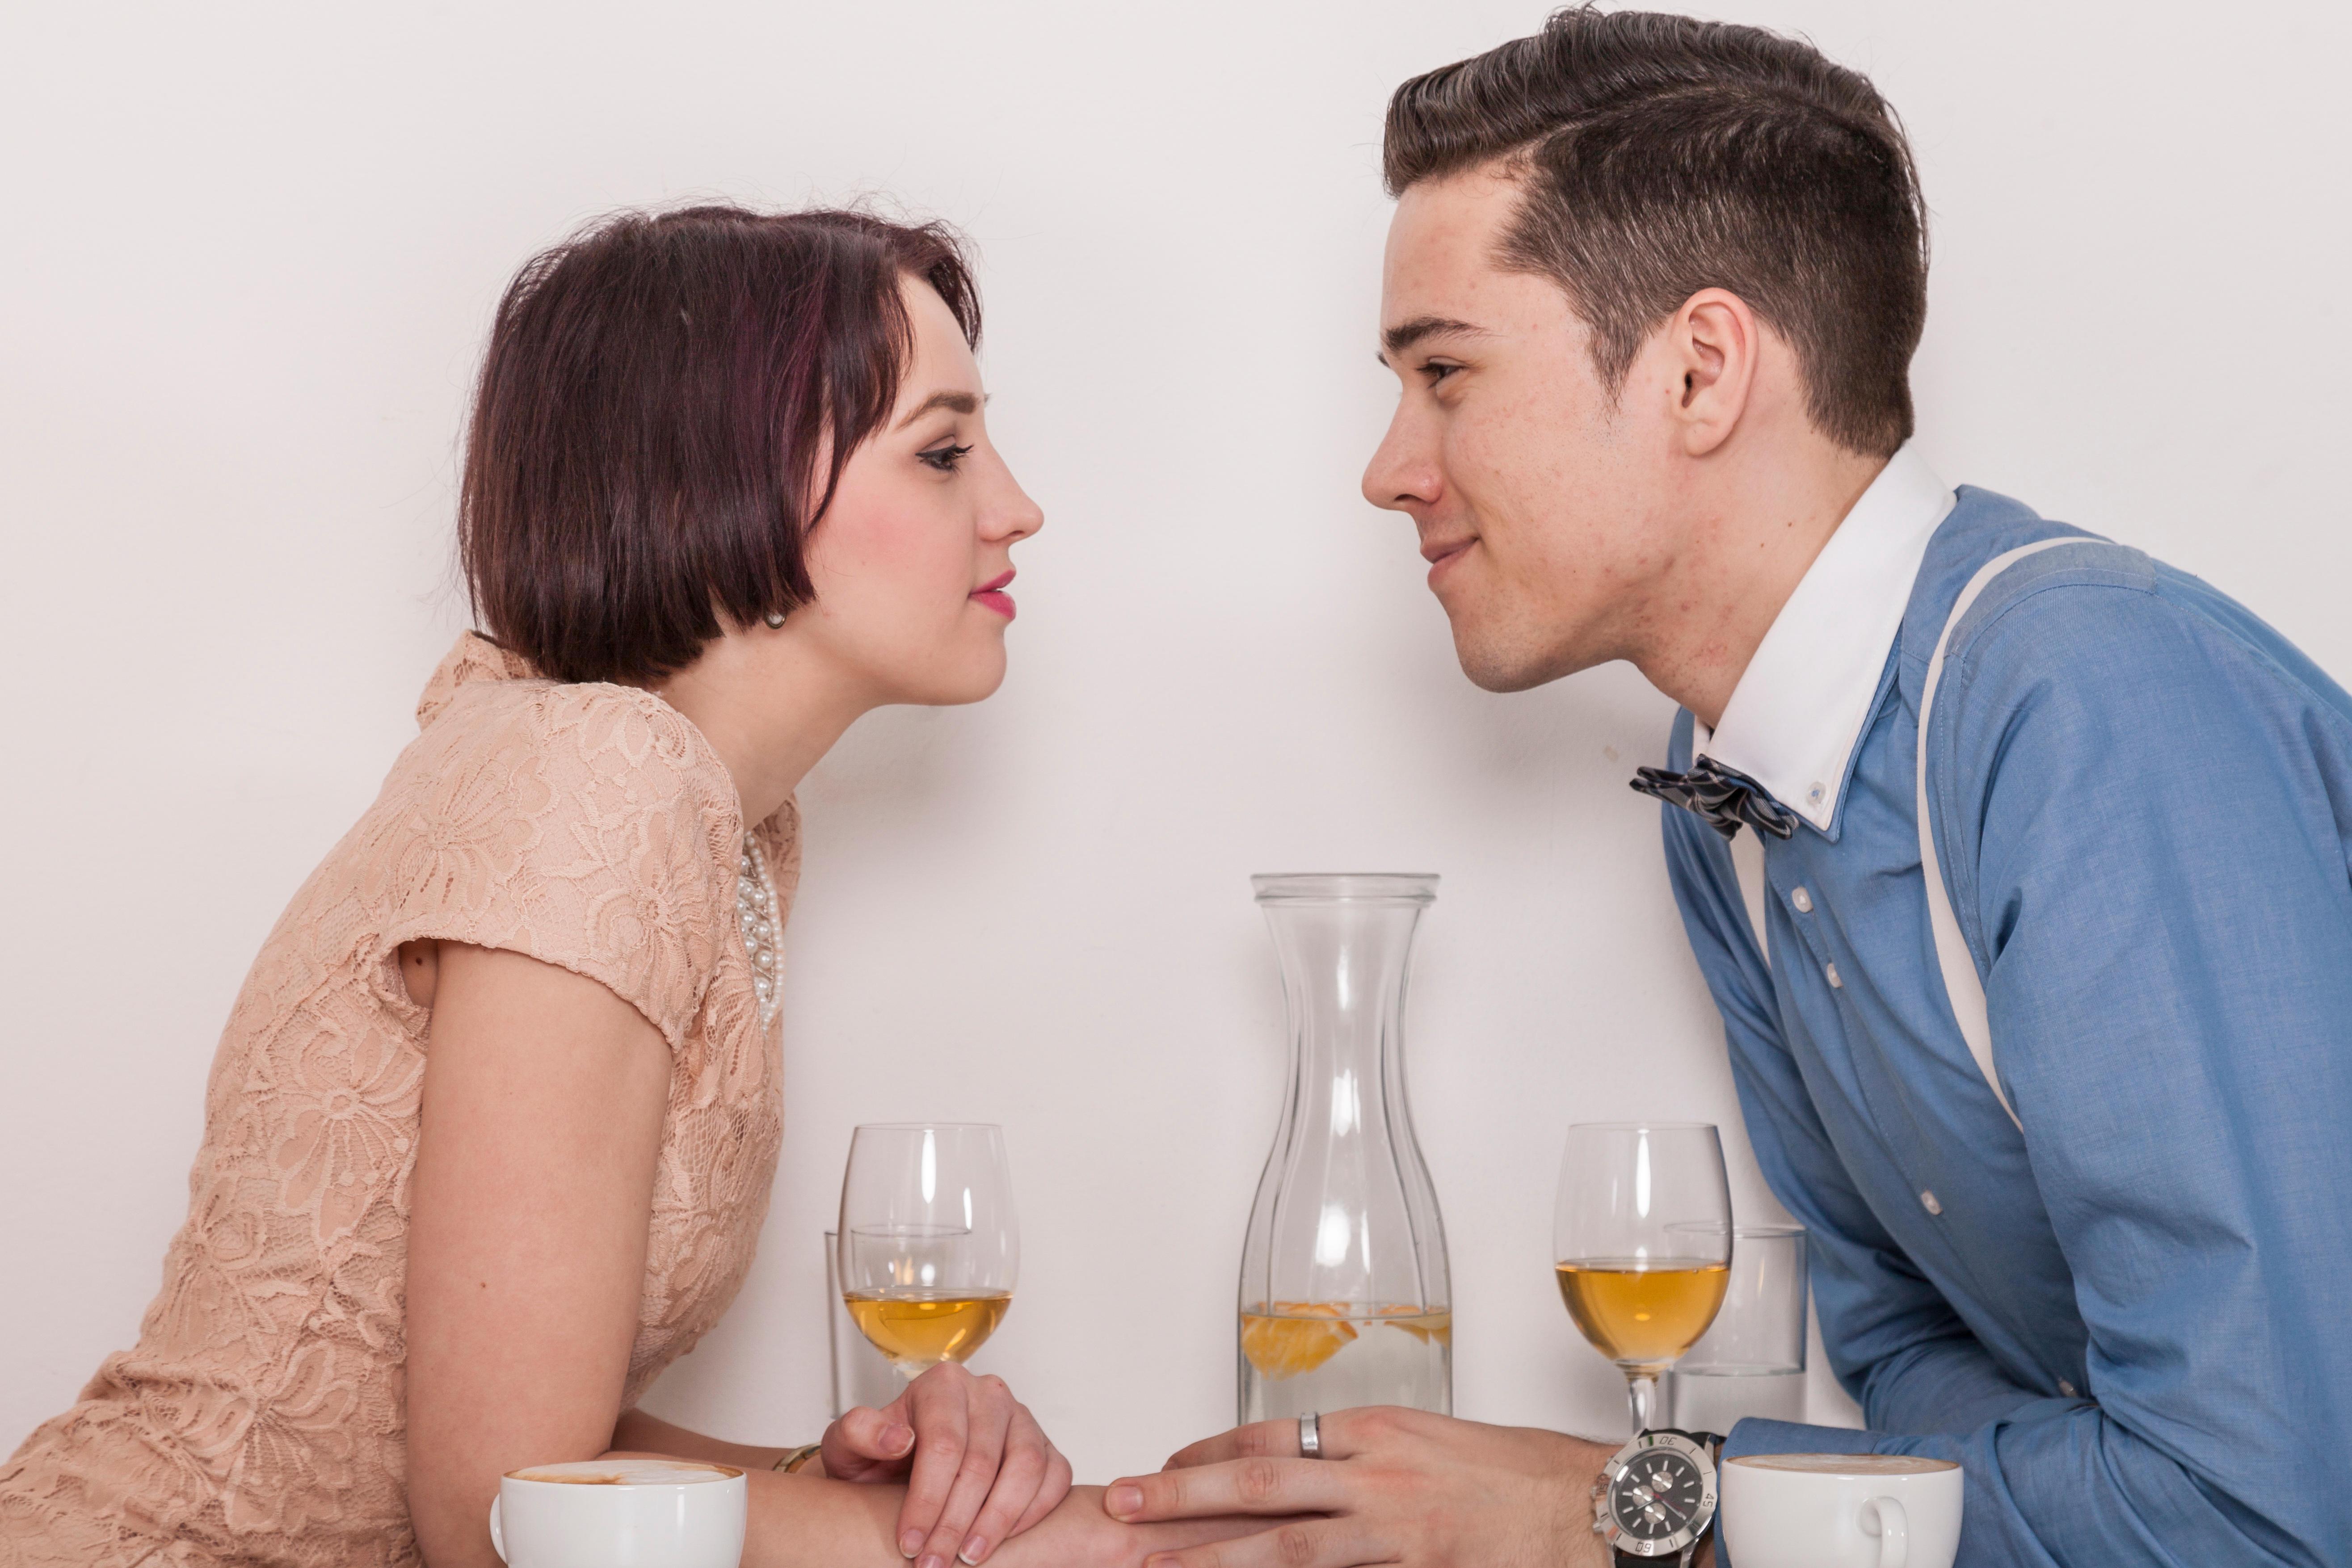 som single lærer man hurtigt om en date er noget for en